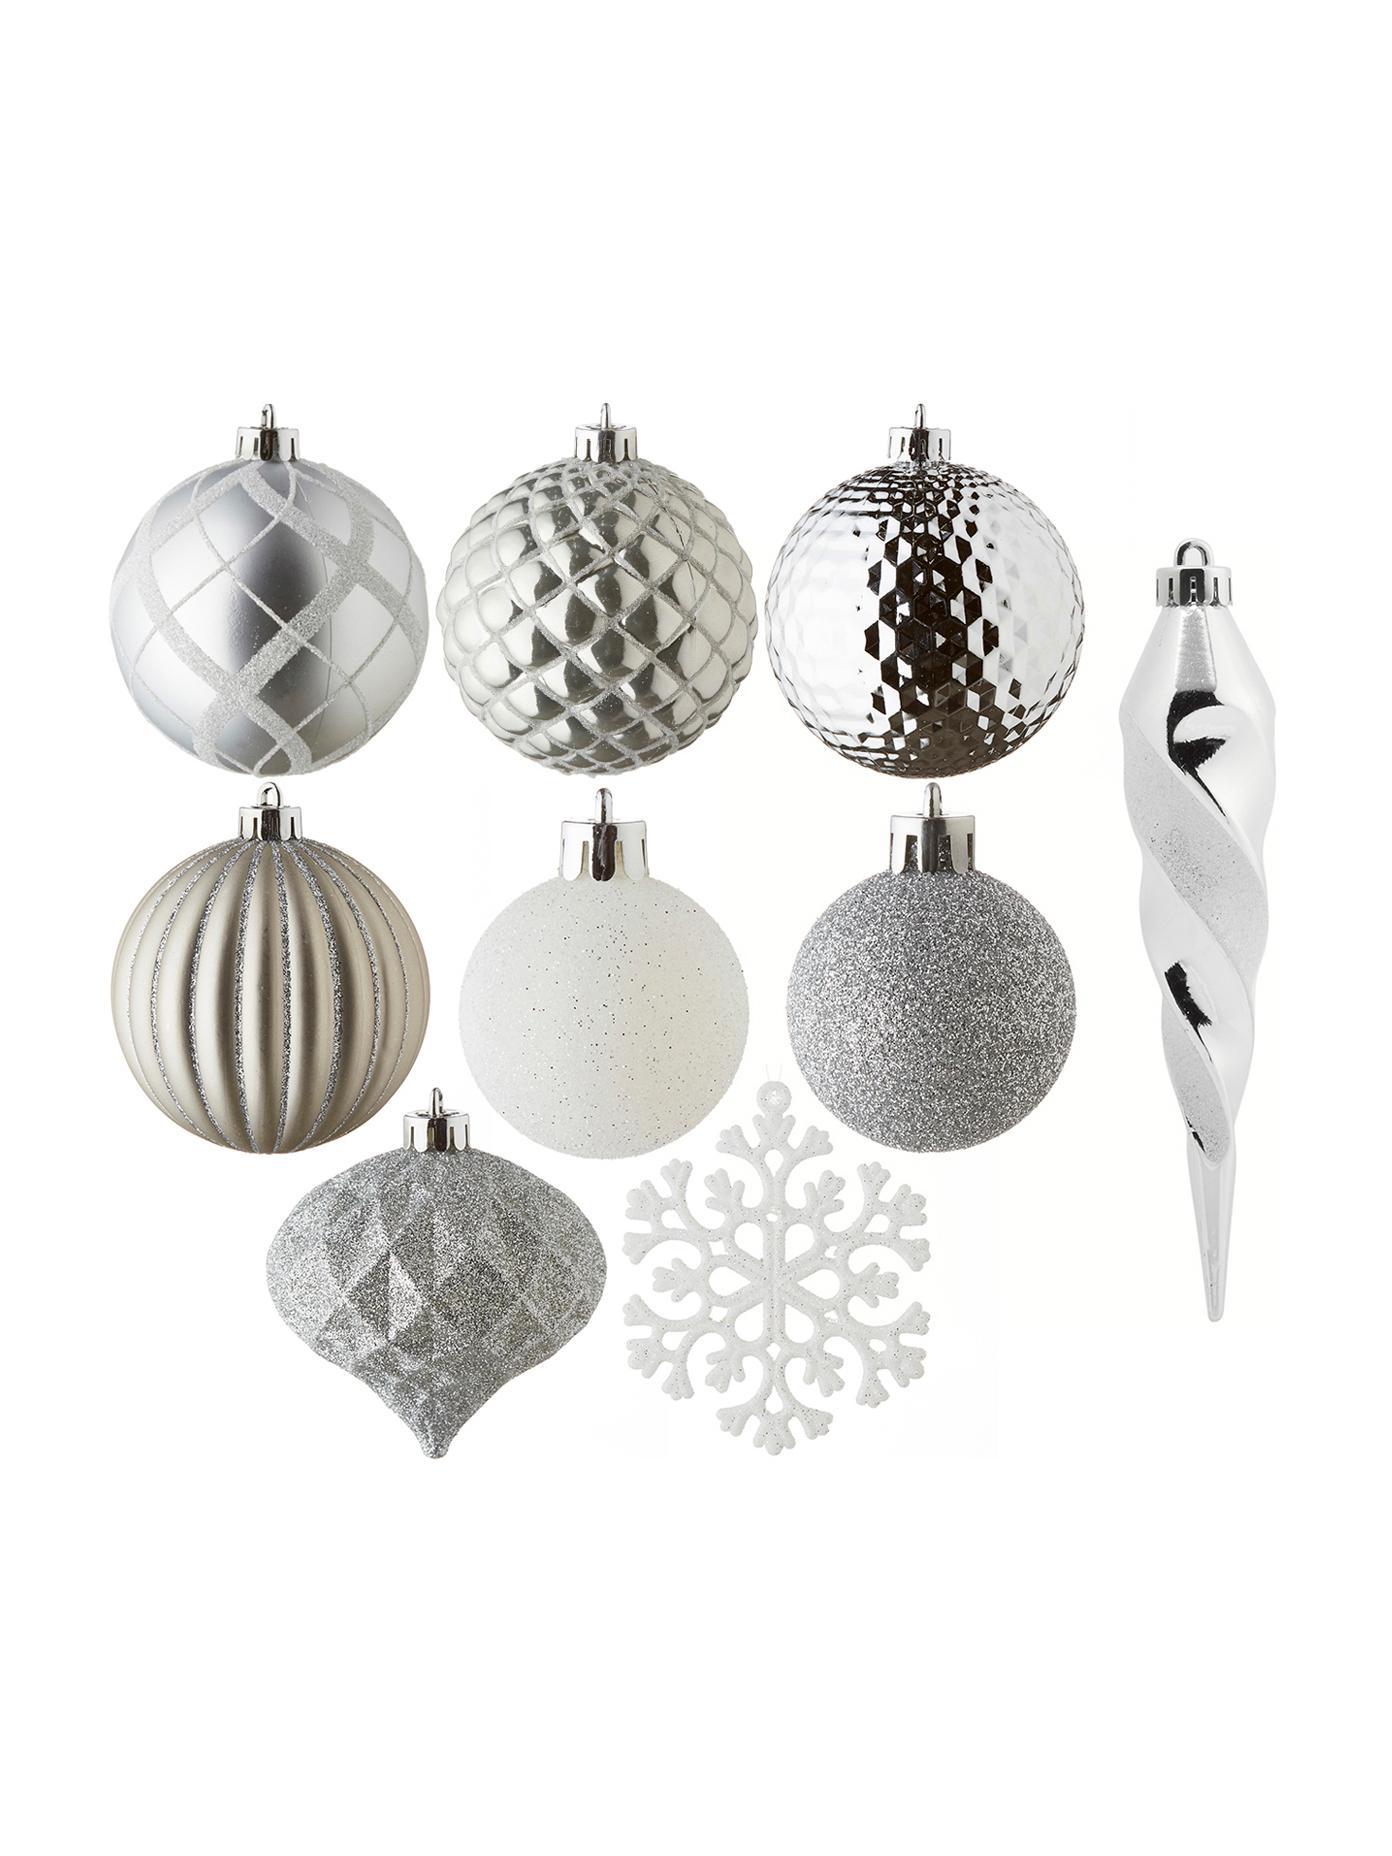 Kerstboomhangersset Valerie, 50-delig, Kunststof, Multicolour, Verschillende formaten